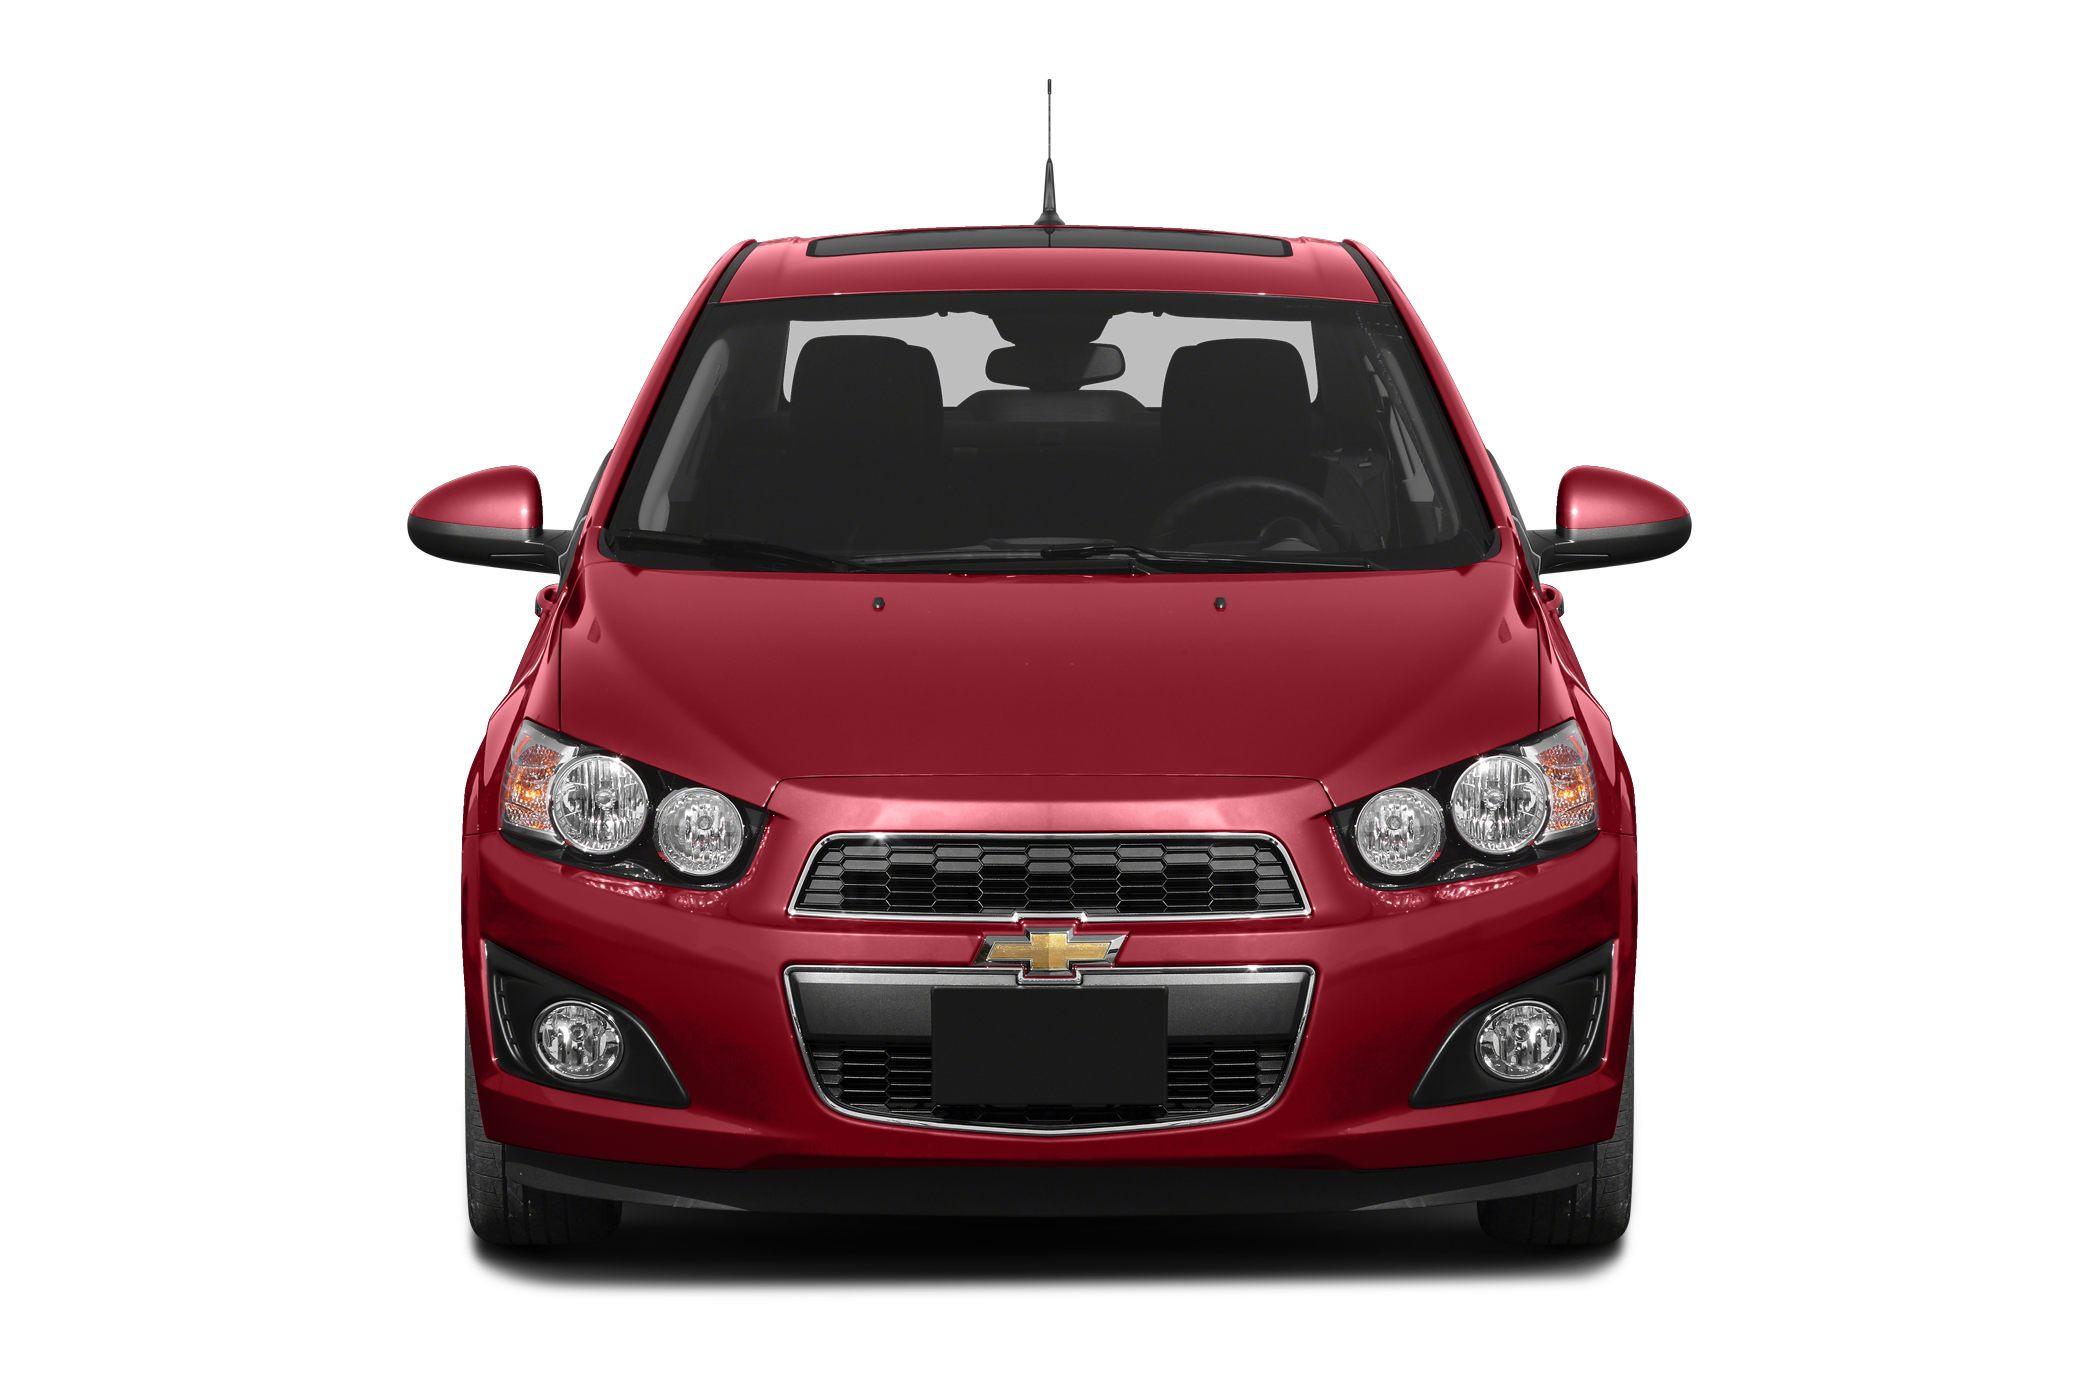 Chevrolet Sonic Repair Manual: Brake Pad Inspection